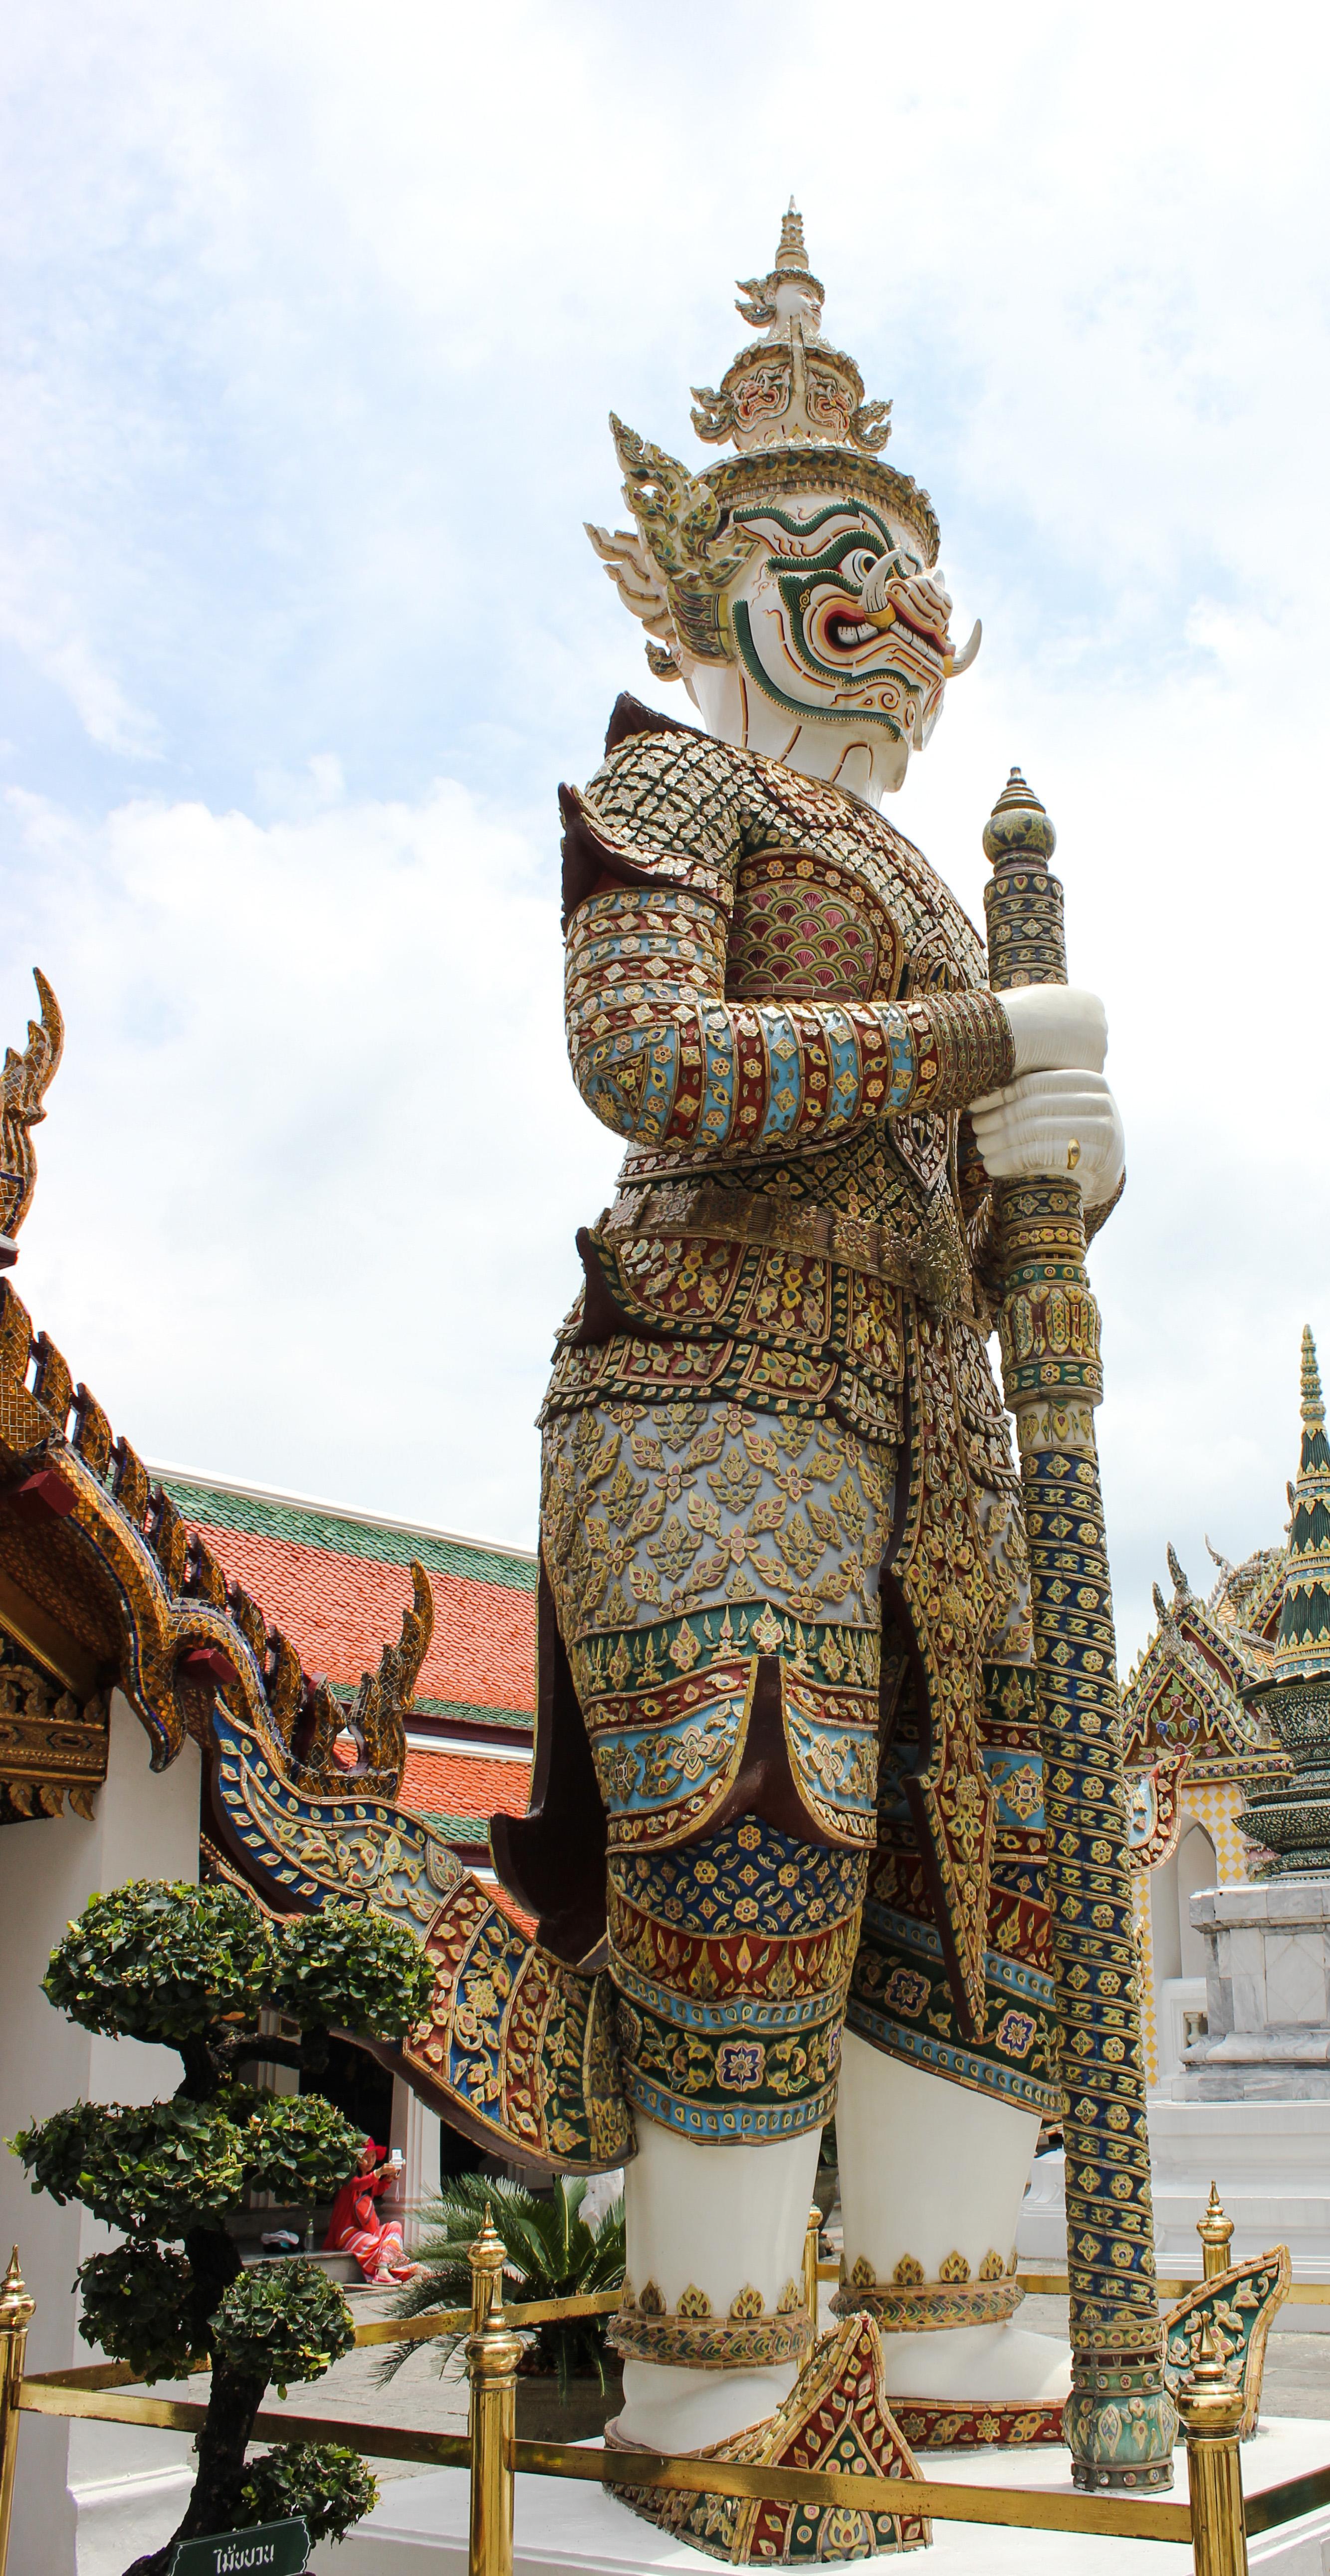 Image d'une statue au palais royal de Bangkok